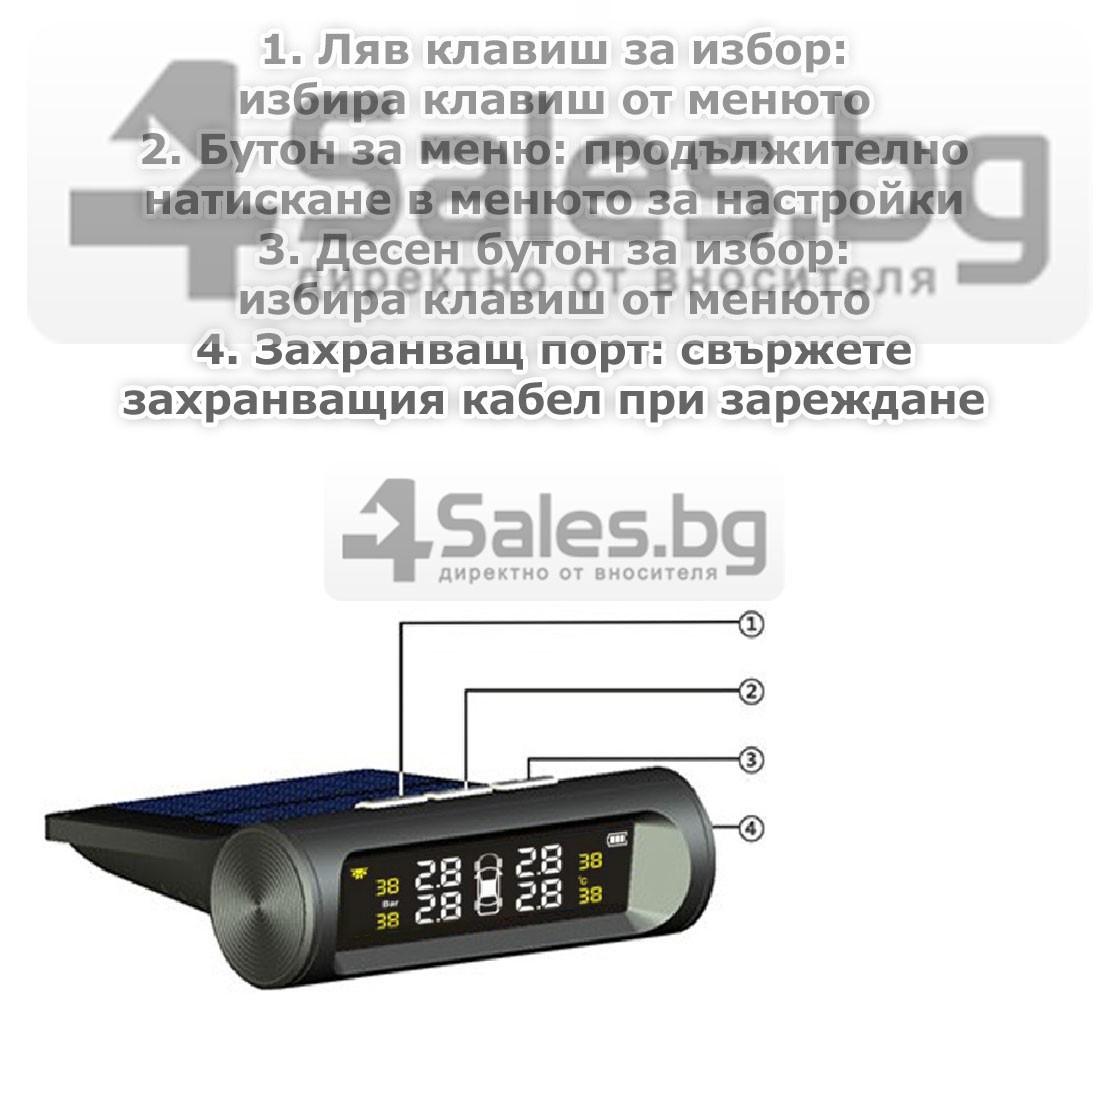 Датчик за налягане на гуми с монитор, сензор за отмерване и 4 вентила GUMI ALARM1 14